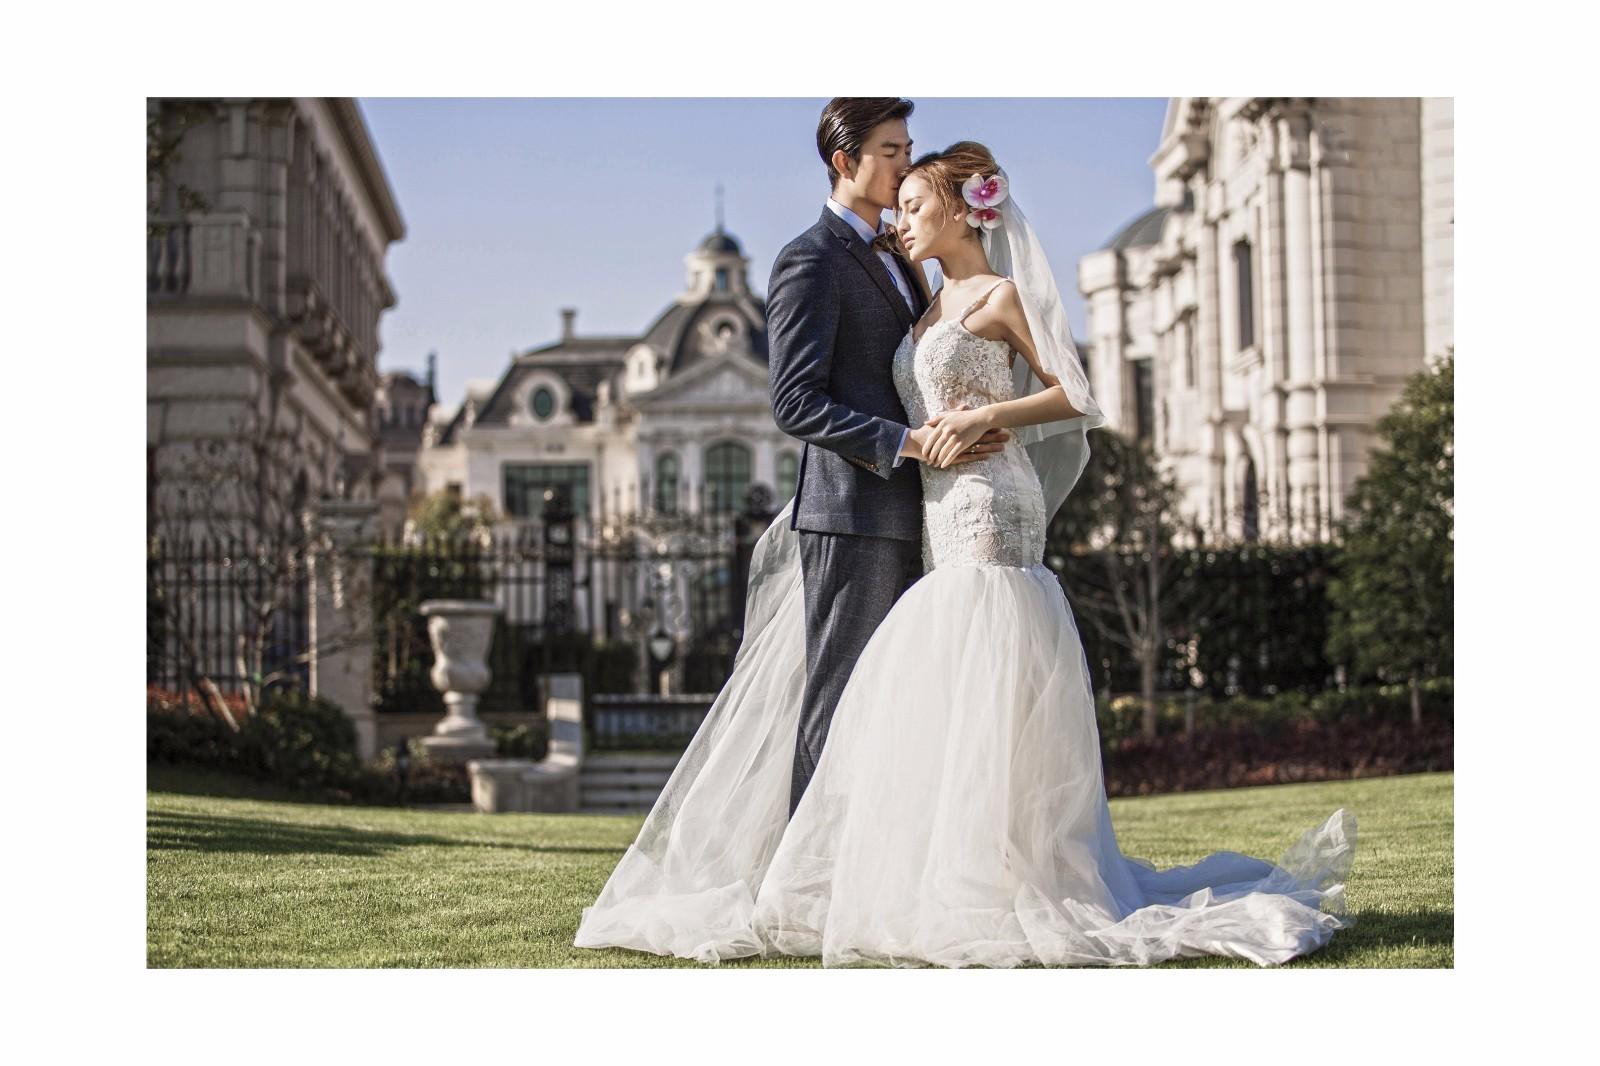 新人们在拍摄婚纱照时,拍结婚照注意事项有哪些?